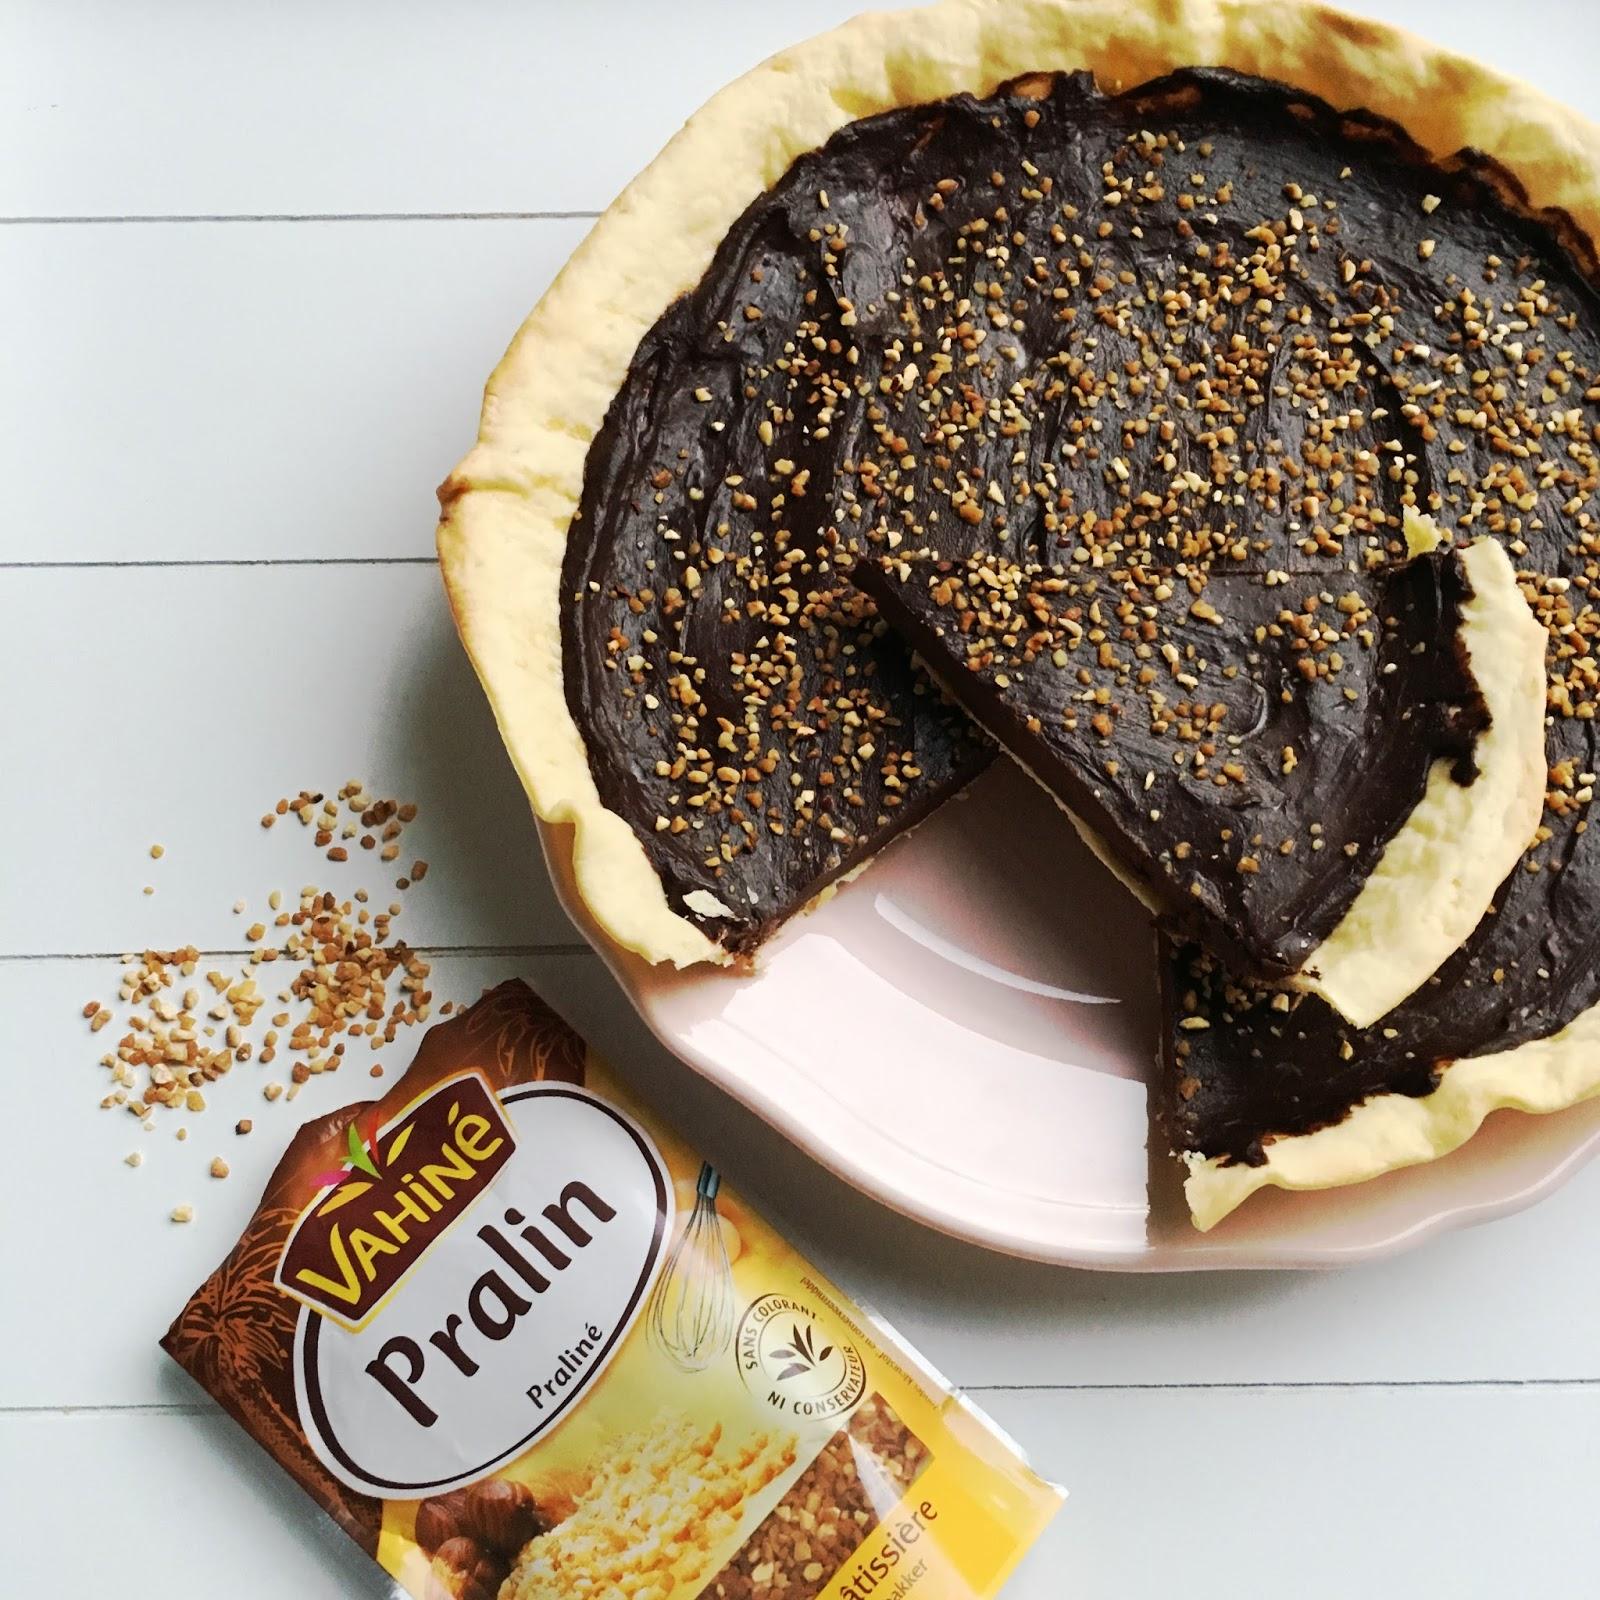 Recette tarte chocolat simple, rapide et gourmande